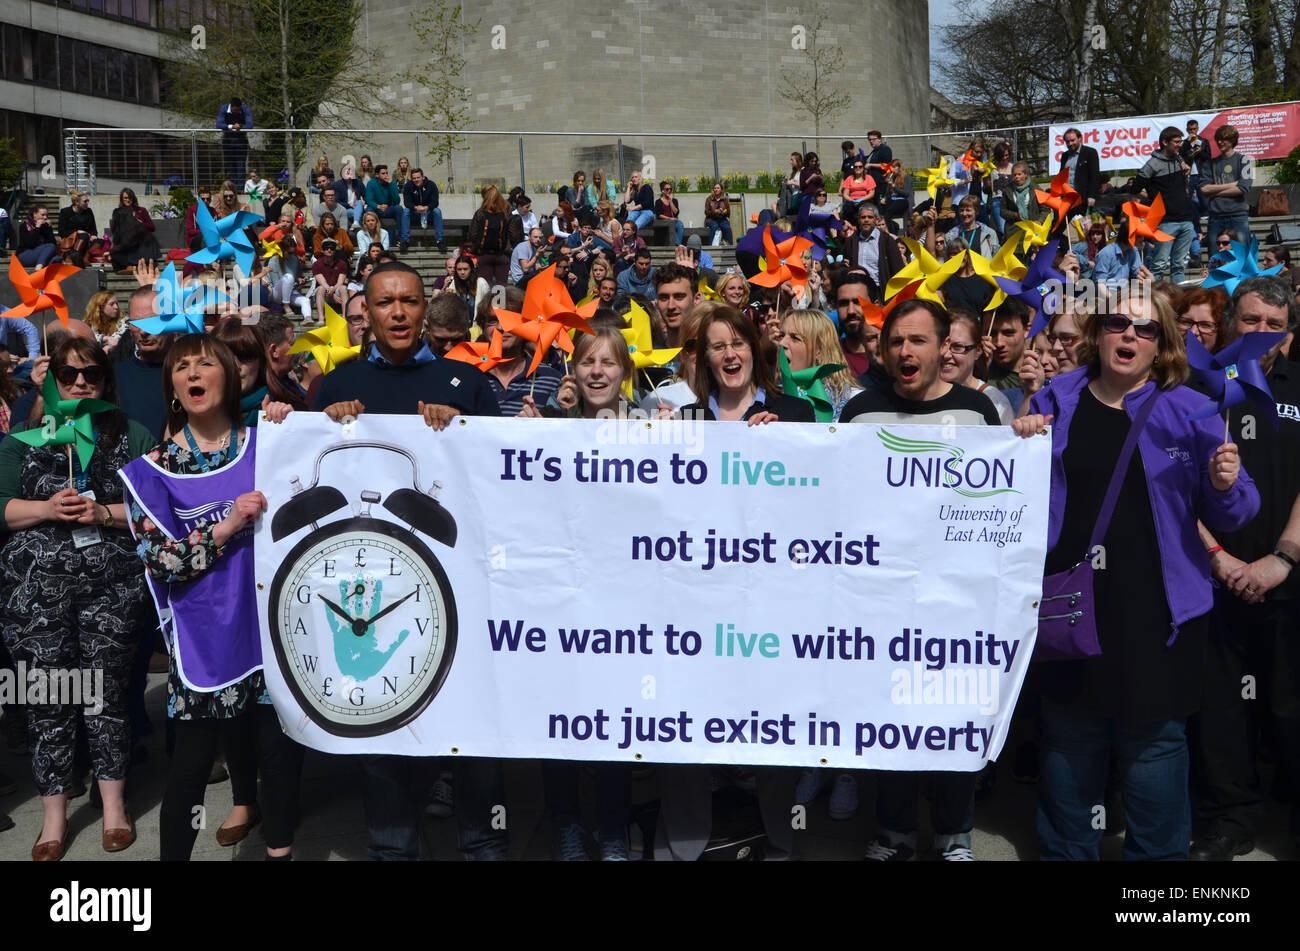 UNISON Salario protesta en UEA Norwich campus Sur candidato Laborista Clive Lewis, abril de 2015 Imagen De Stock